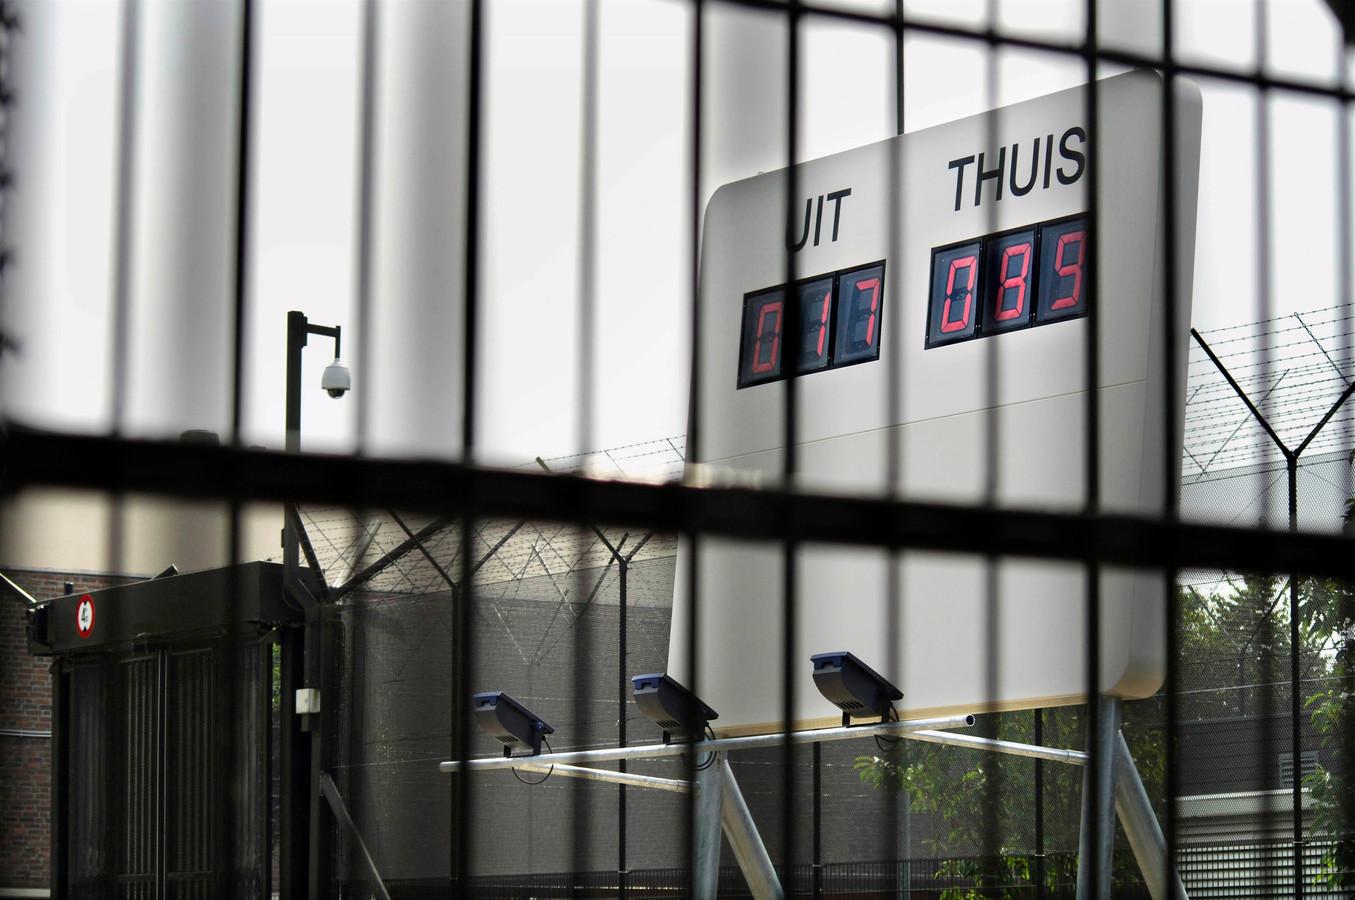 Voor de ingang van de Pompekliniek in Nijmegen werd in 2005 een groot wit scorebord op palen geplaatst. In digitale cijfers staat op het omstreden kunstwerk aangegeven hoeveel tbs-patiënten 'uit' en 'thuis' zijn.